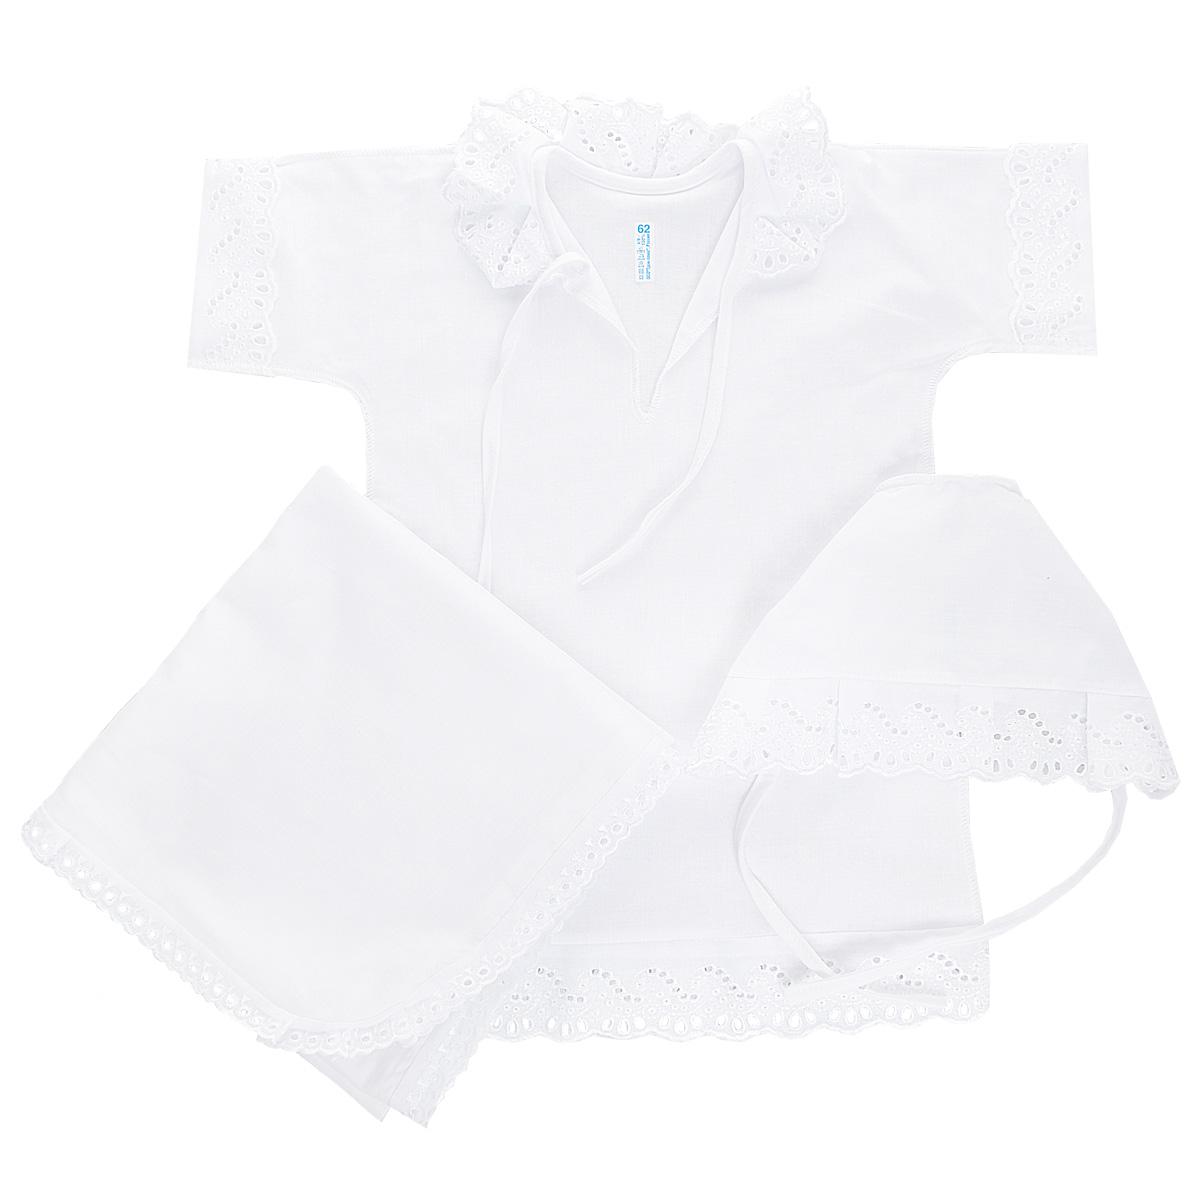 Комплект для крещения детский Трон-плюс: рубашка, чепчик, пеленка, цвет: белый. 1417. Размер 68, 6 месяцев1417Очаровательный комплект для крещения Трон-плюс состоит из рубашки, пеленки и чепчика. Изготовленный из натурального хлопка, он необычайно мягкий и приятный на ощупь, не сковывает движения малышки и позволяет коже дышать, не раздражает нежную кожу ребенка, обеспечивая ему наибольший комфорт. Рубашка трапециевидной формы с круглым воротником и длинными рукавами на груди завязывается на две ленточки, которые помогают с легкостью переодеть ребенка. Вырез горловины украшен ажурной оборкой. Низ рукавов низ изделия также украшены ажурными узорами и вышивкой. Снизу по бокам рубашечка дополнена небольшими разрезами. Мягкий чепчик необходим любому младенцу, он защищает еще не заросший родничок, щадит чувствительный слух малыша, прикрывая ушки, и предохраняет от теплопотерь. Чепчик декорирован очаровательным ажурным кружевом.Хлопковая пеленка идеально подходит для ухода за ребенком после купания, так как позволяет полностью завернуть малыша и защитить его от простуды. По всему периметру пеленка окантована ажурными петельками.Такой комплект станет незаменимым для обряда Крещения и поможет сделать его запоминающимся.